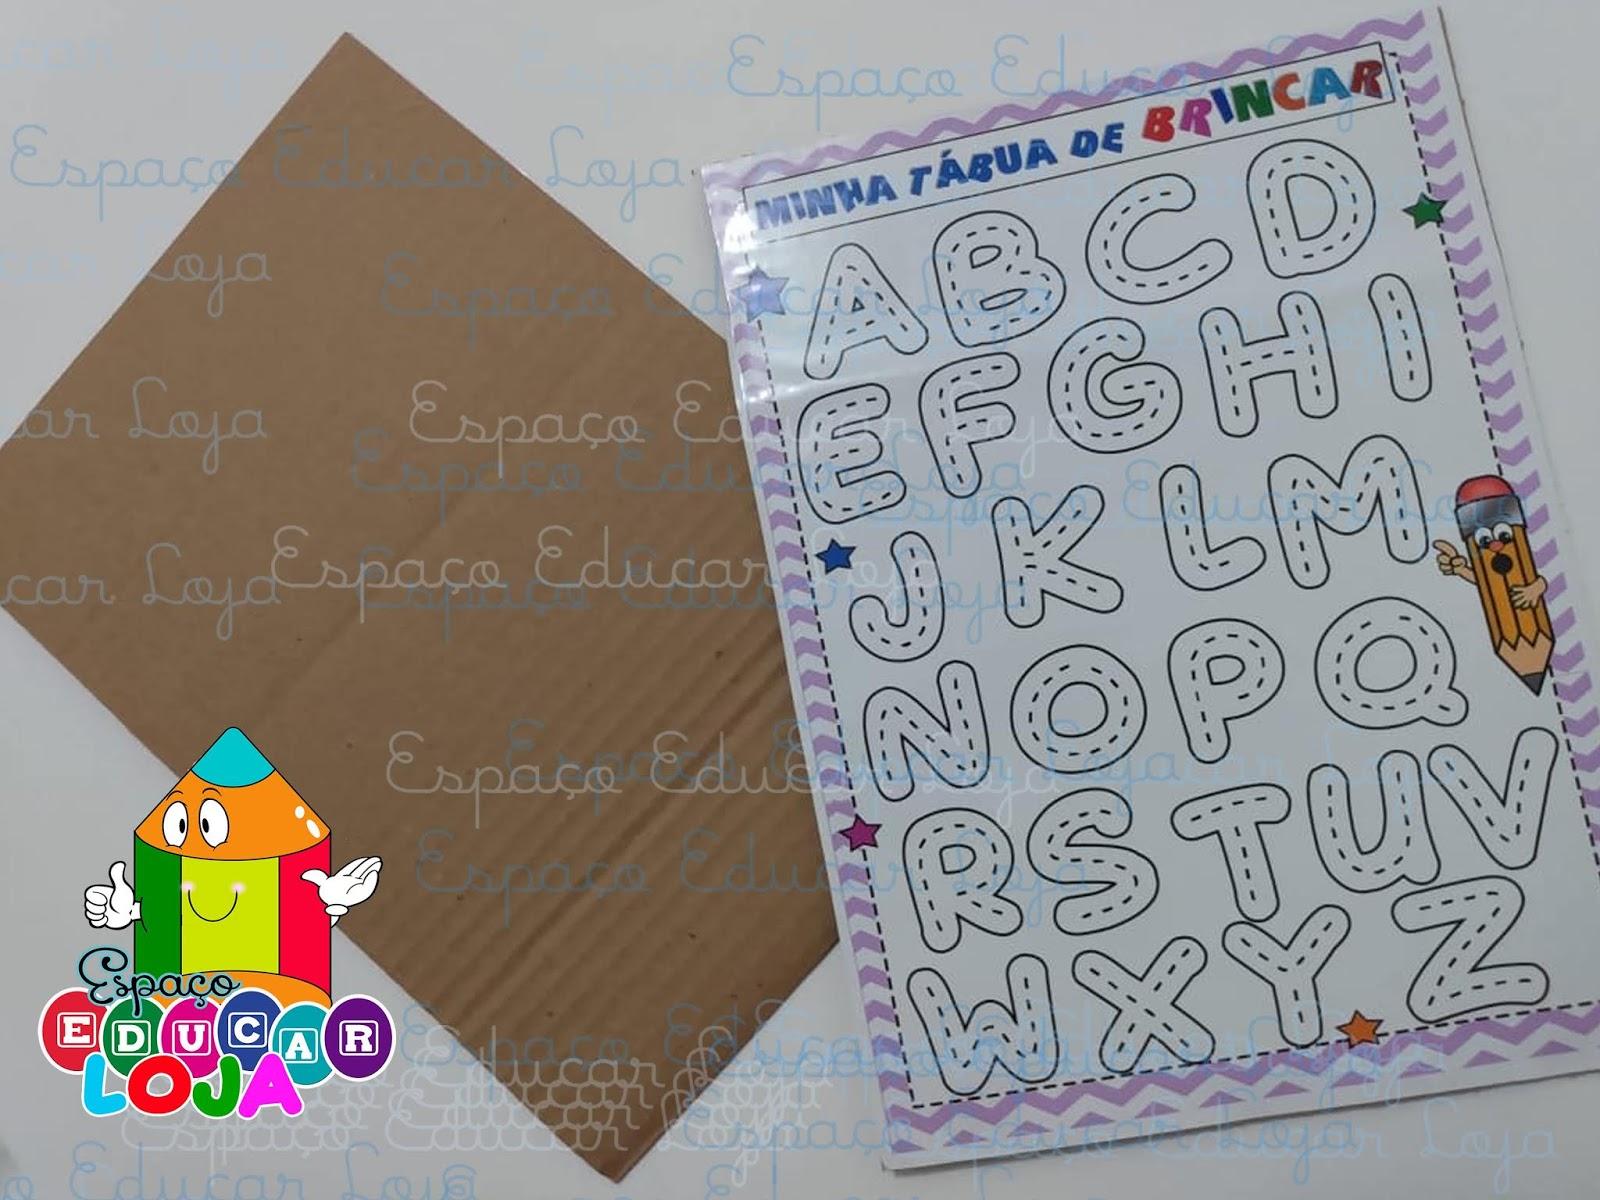 1.bp.blogspot.com/-hvLTUHgSt14/XSuGovgkioI/AAAAAAABkT8/kMWKrWCQFZ4wwRnLOJg4T2UBV4rizdZHQCLcBGAs/s1600/tabuinha.jpg